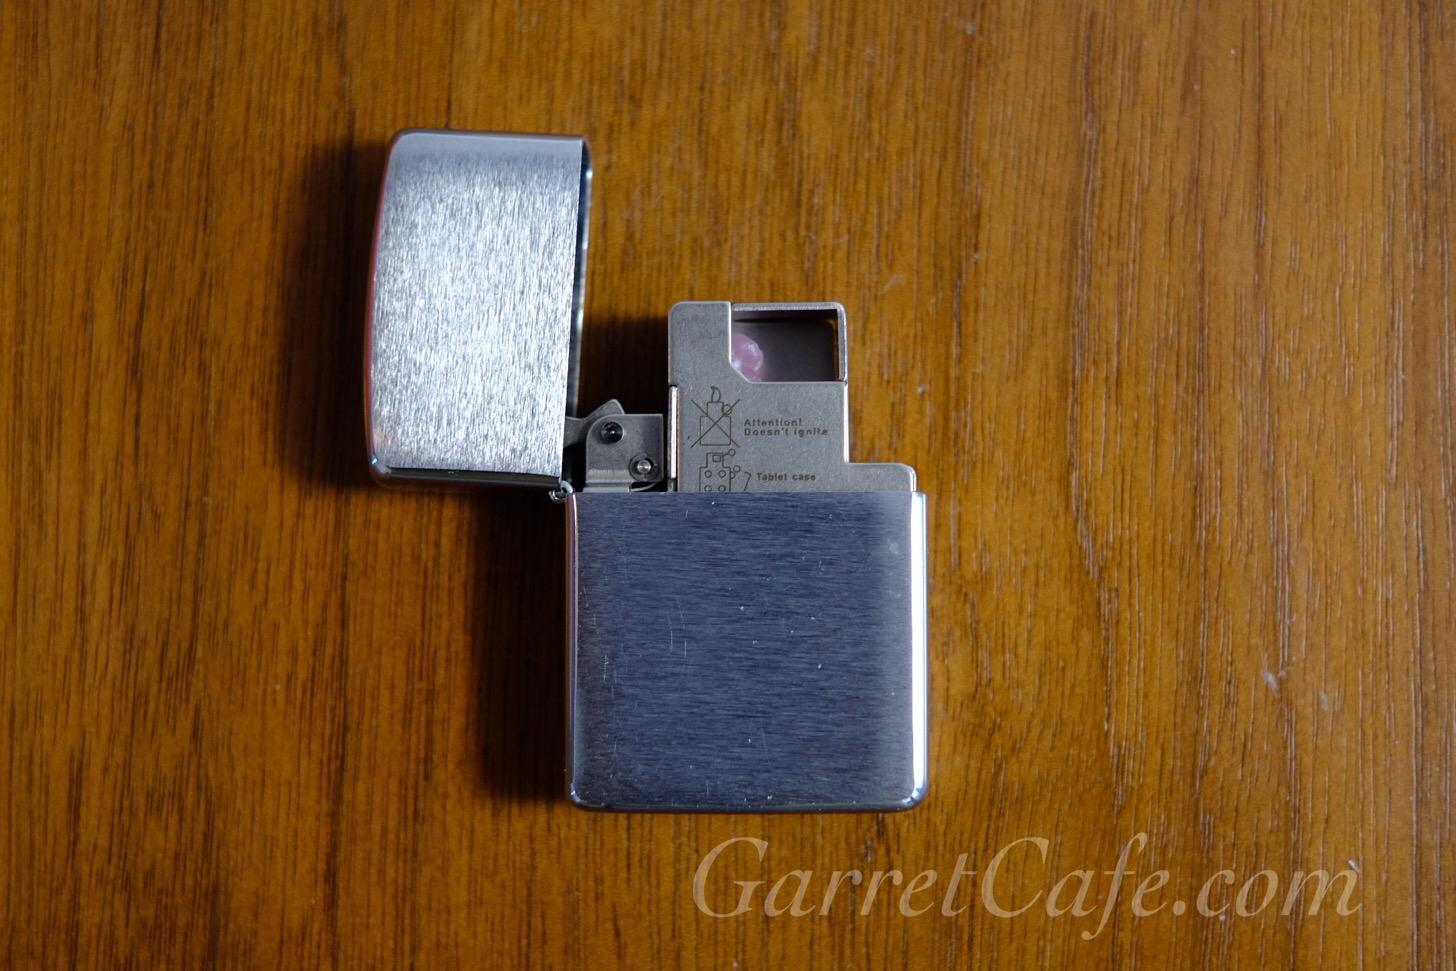 F6A435AC-B5E2-43FE-924D-D684057BC9FB-8791-00000654760F9A4E